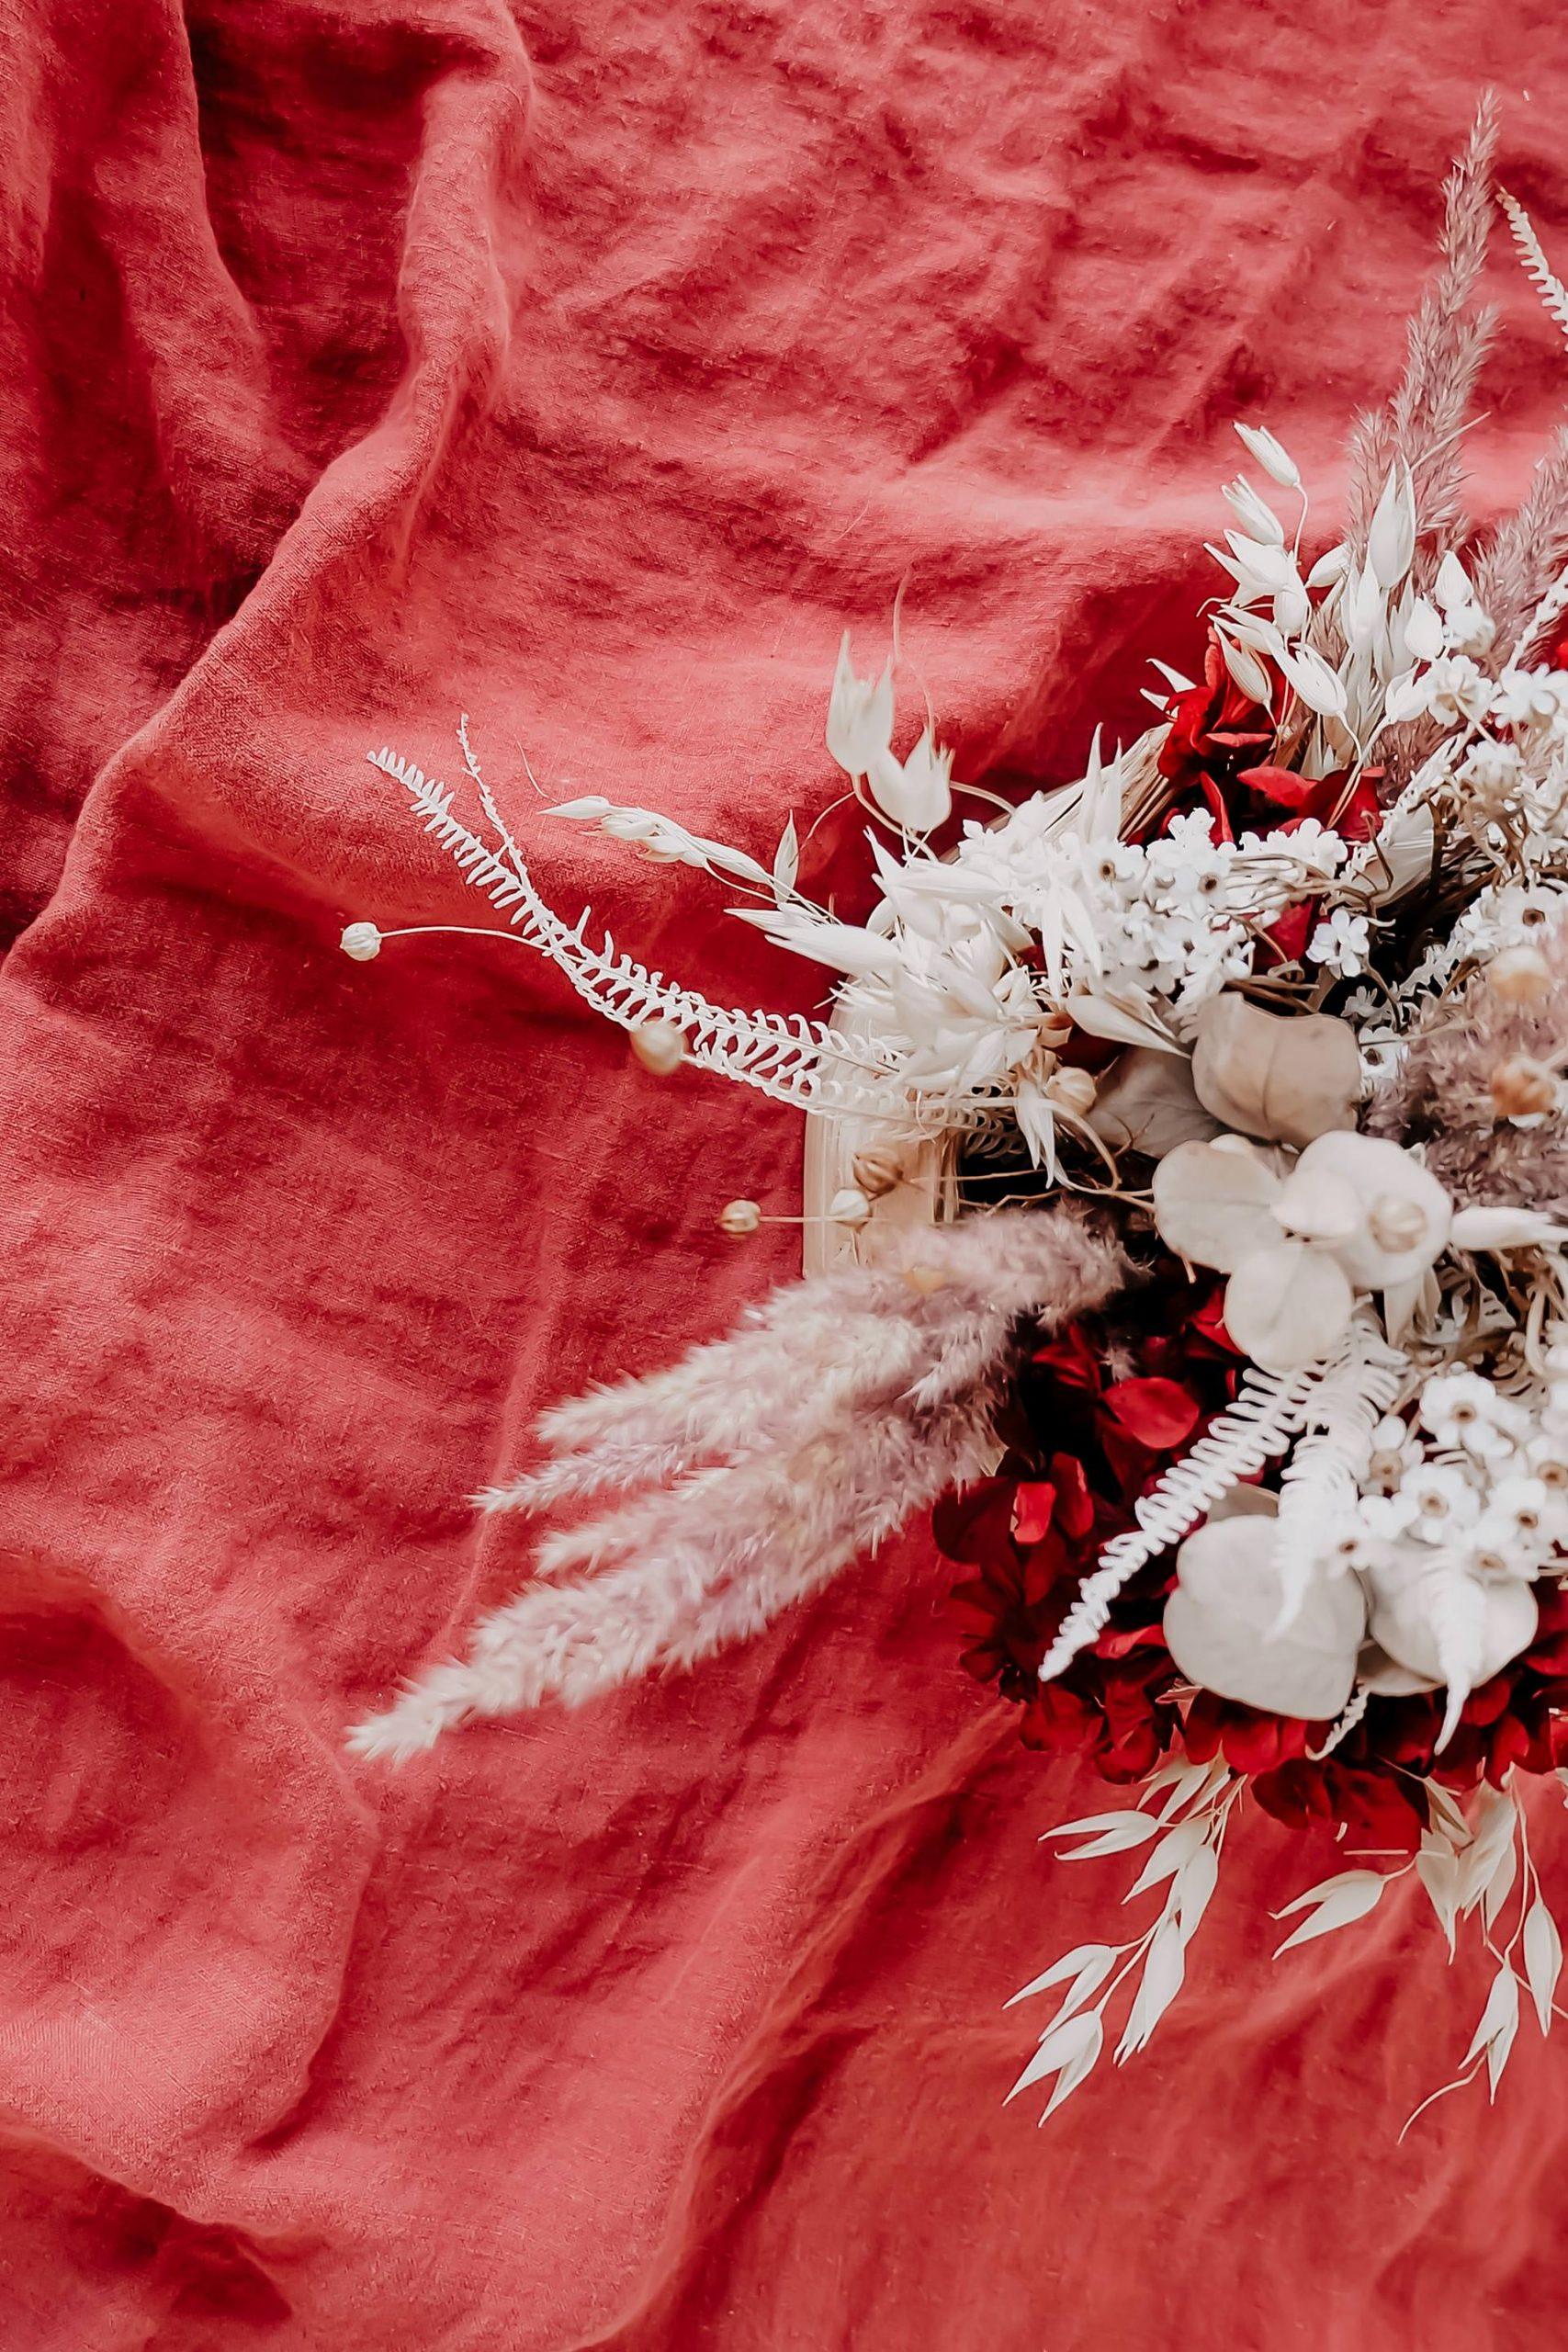 Du bist auf der Suche nach schönen Trockenblumen für zu Hause? Dann bist du auf meinem Interior Blog genau richtig. Ich zeige dir, welche getrockneten Blumen die schönsten für Vasen und Deko sind. Außerdem gebe ich dir Tipps für den perfekten Trockenblumen-Strauß und natürlich habe ich auch passende Shopping-Tipps für dich parat. www.whoismocca.com #trockenblumen #driedflowers #interiorblog